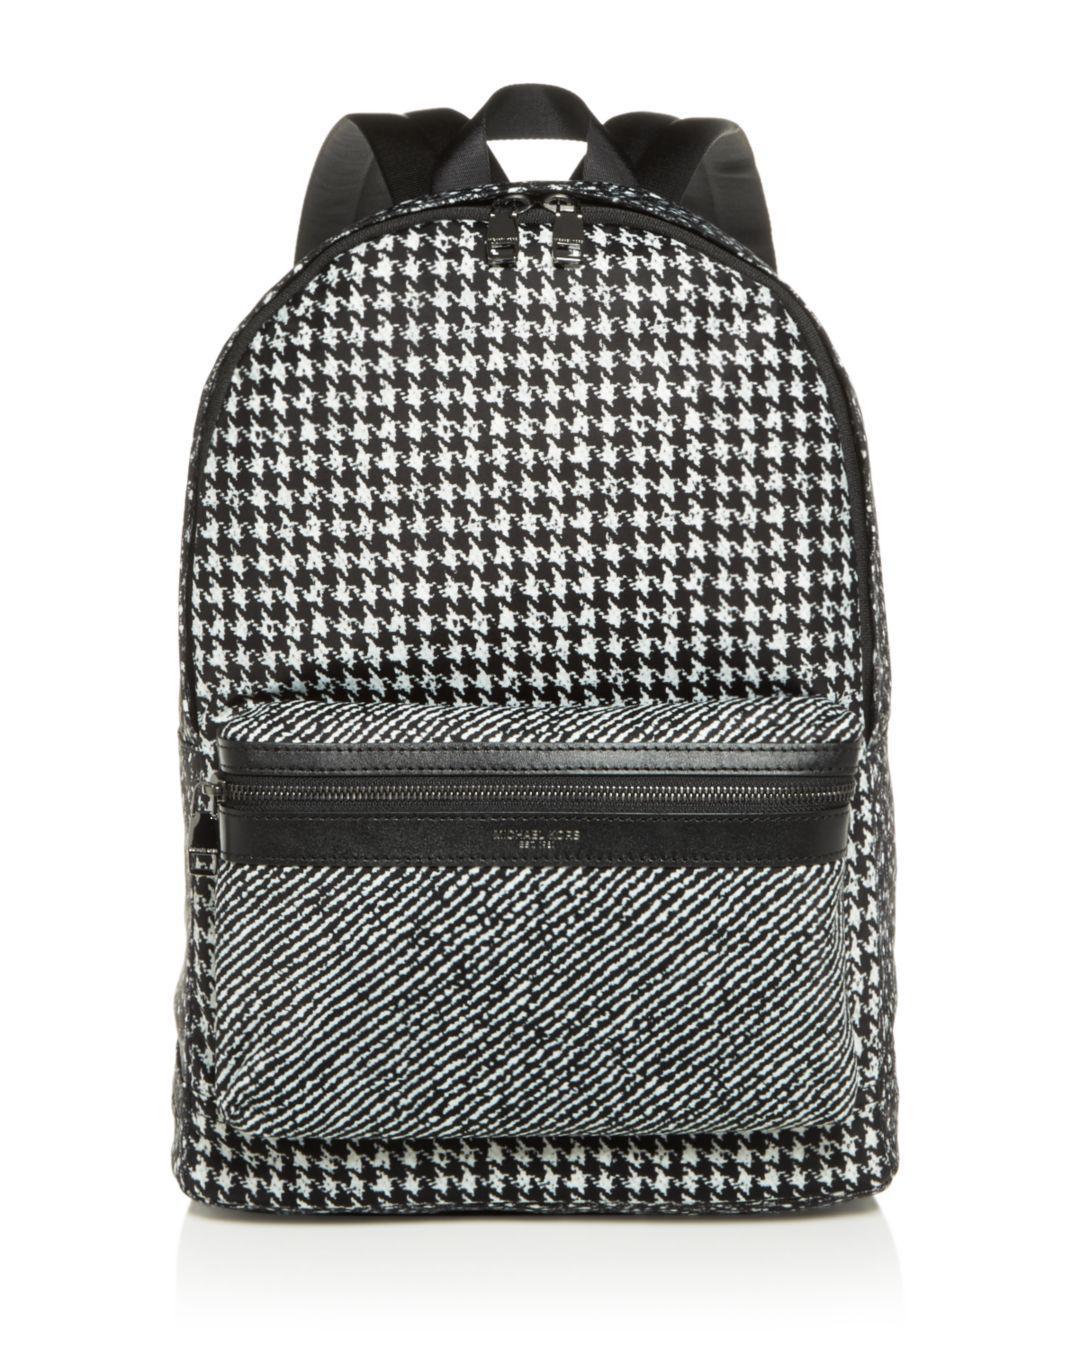 671da9e7aad7 ... free shipping michael kors black kent houndstooth nylon backpack for  men lyst. view fullscreen 4194c